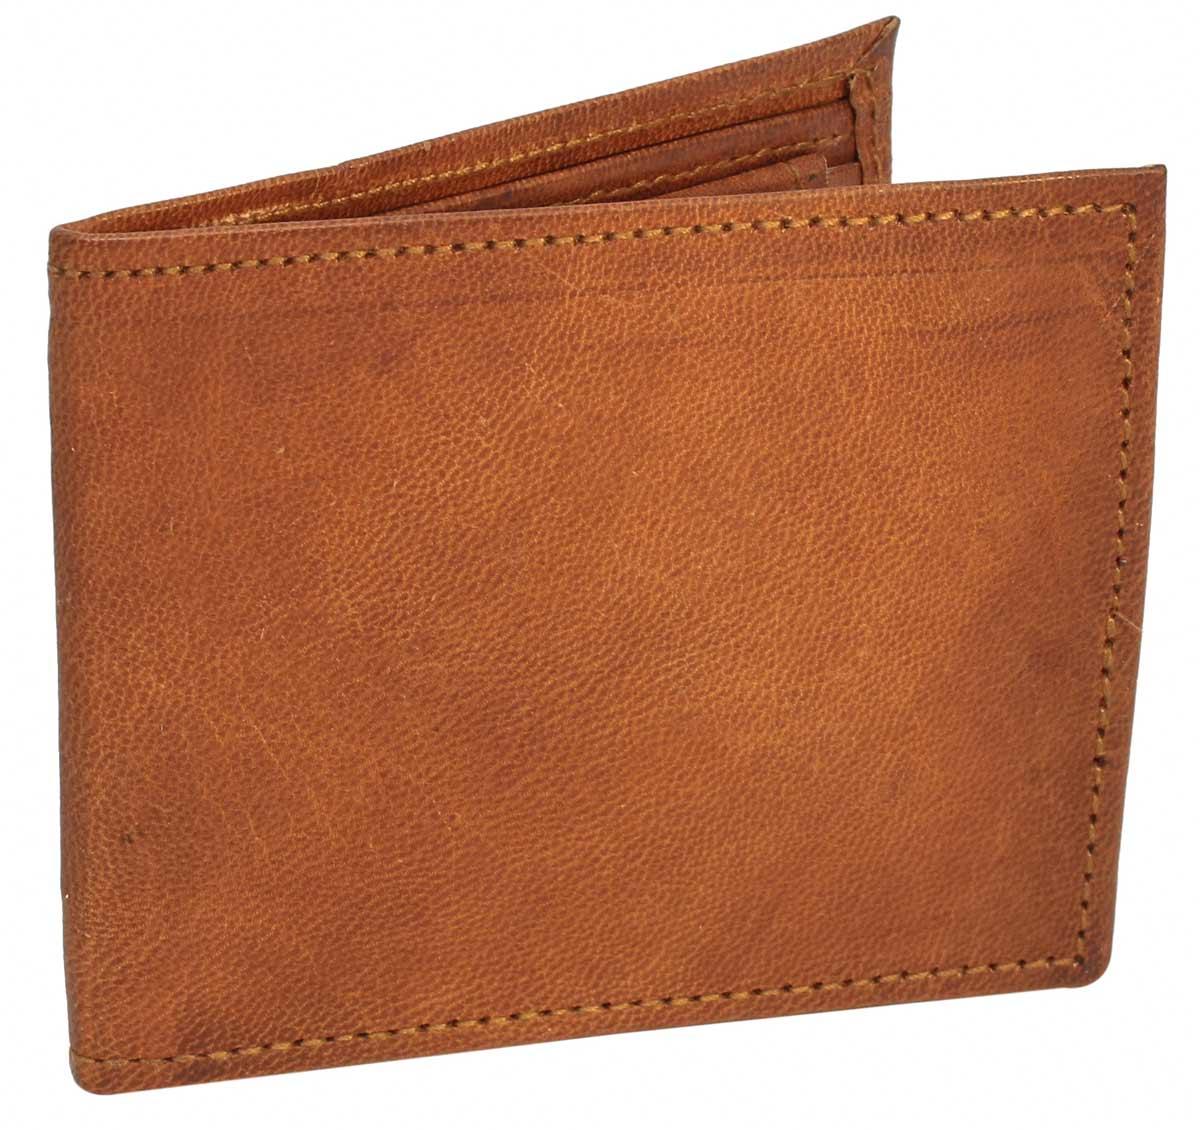 778a74996265f6 Geldbörsen für Herren auch echtem Leder